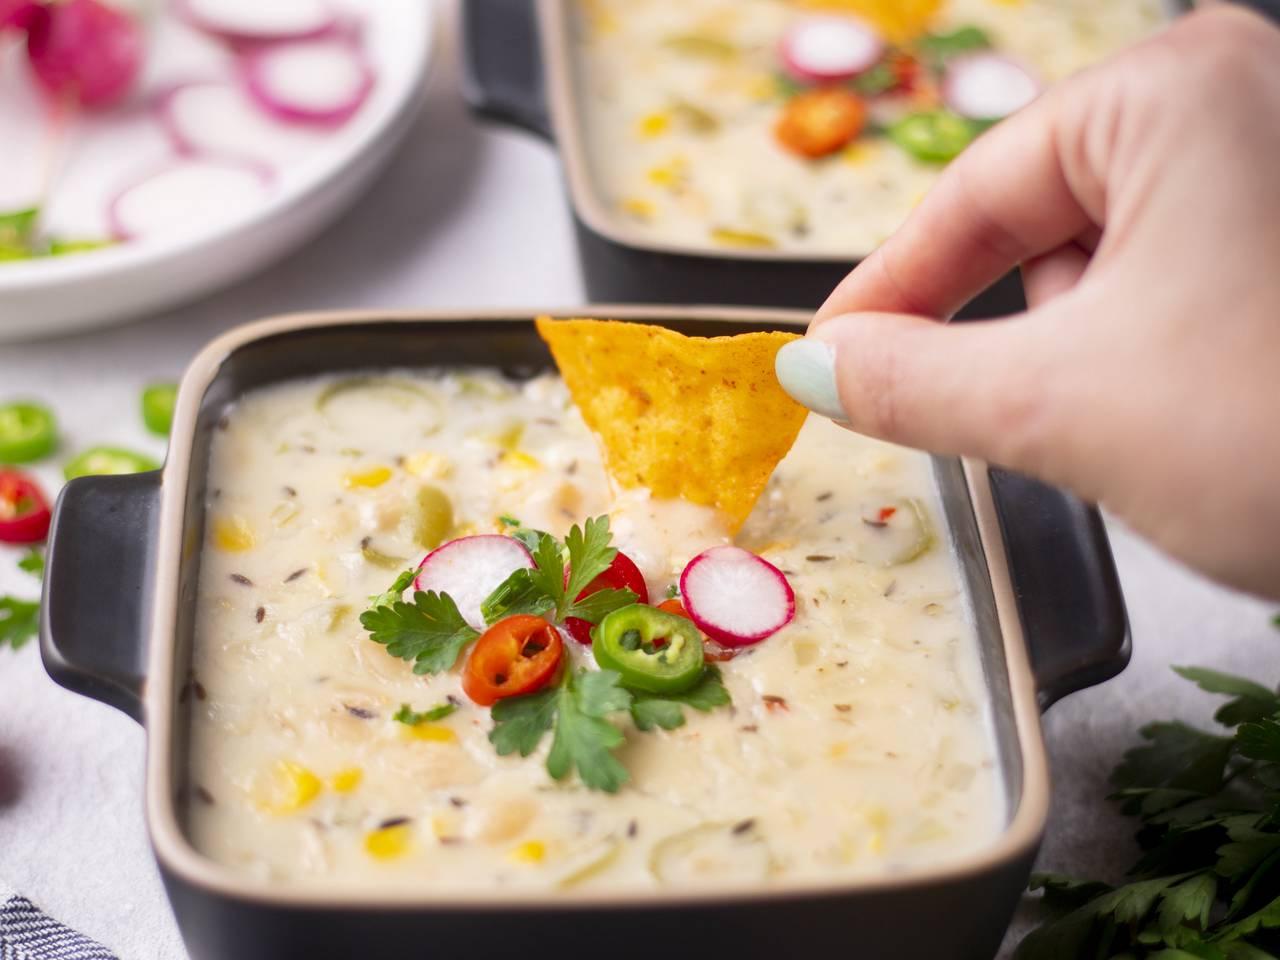 Vegetarian White Bean Chili Recipe